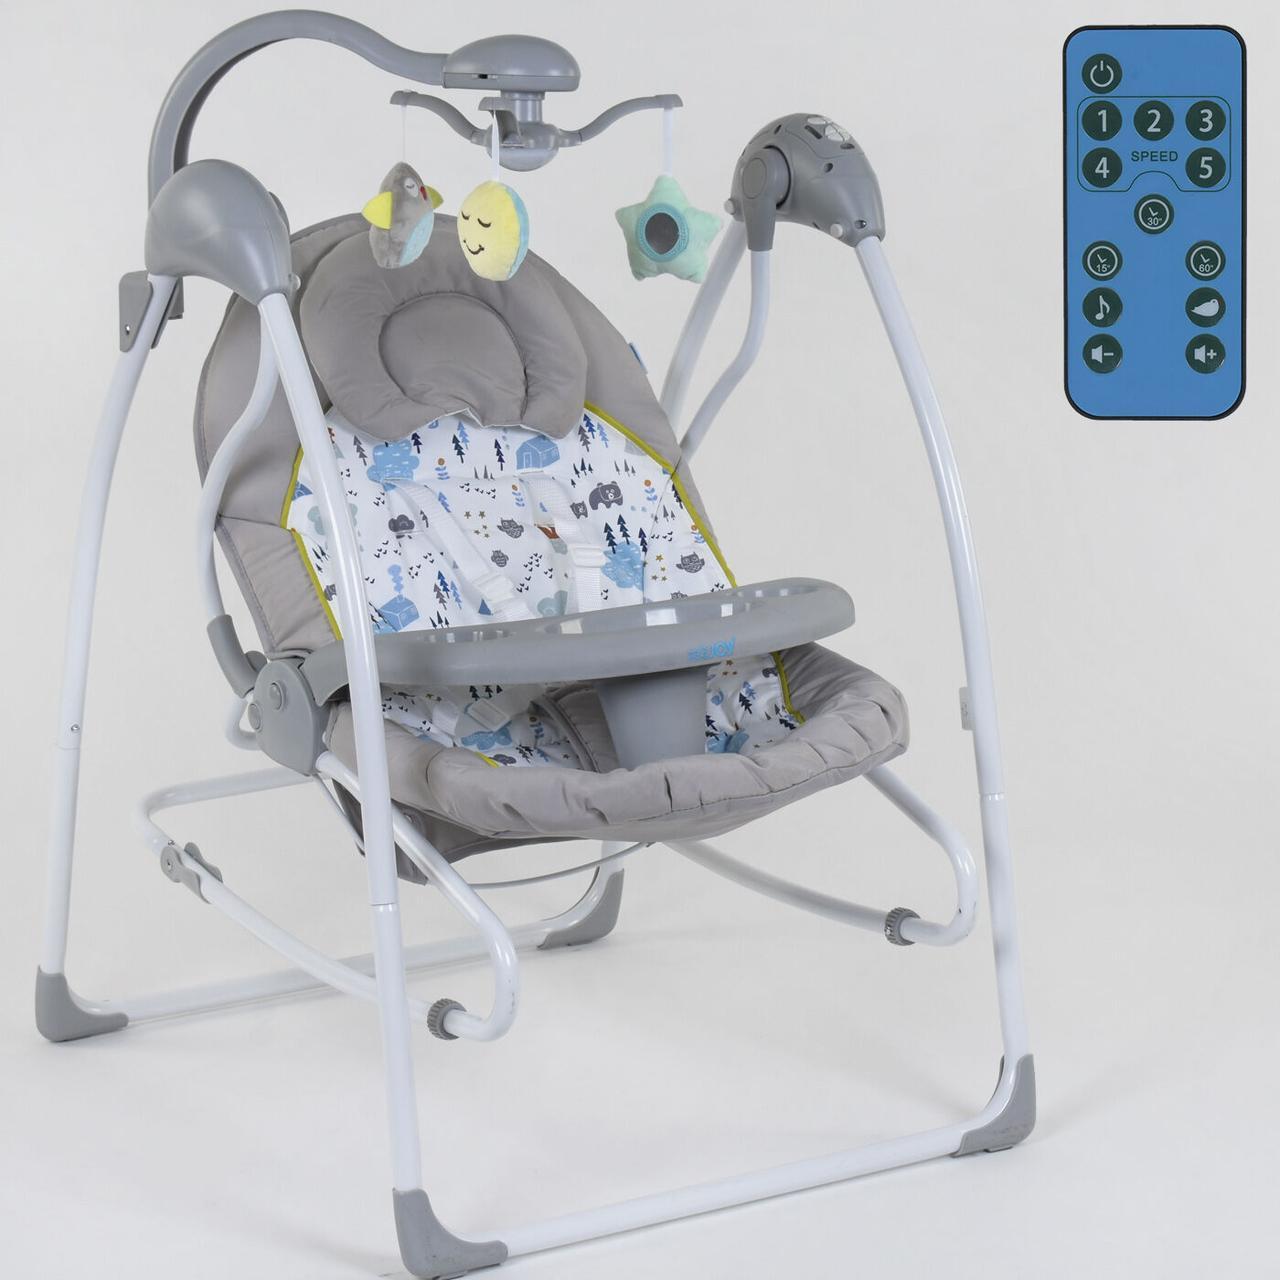 Электронные качели Кресло-качалка 3в1 СХ-30350 JOY